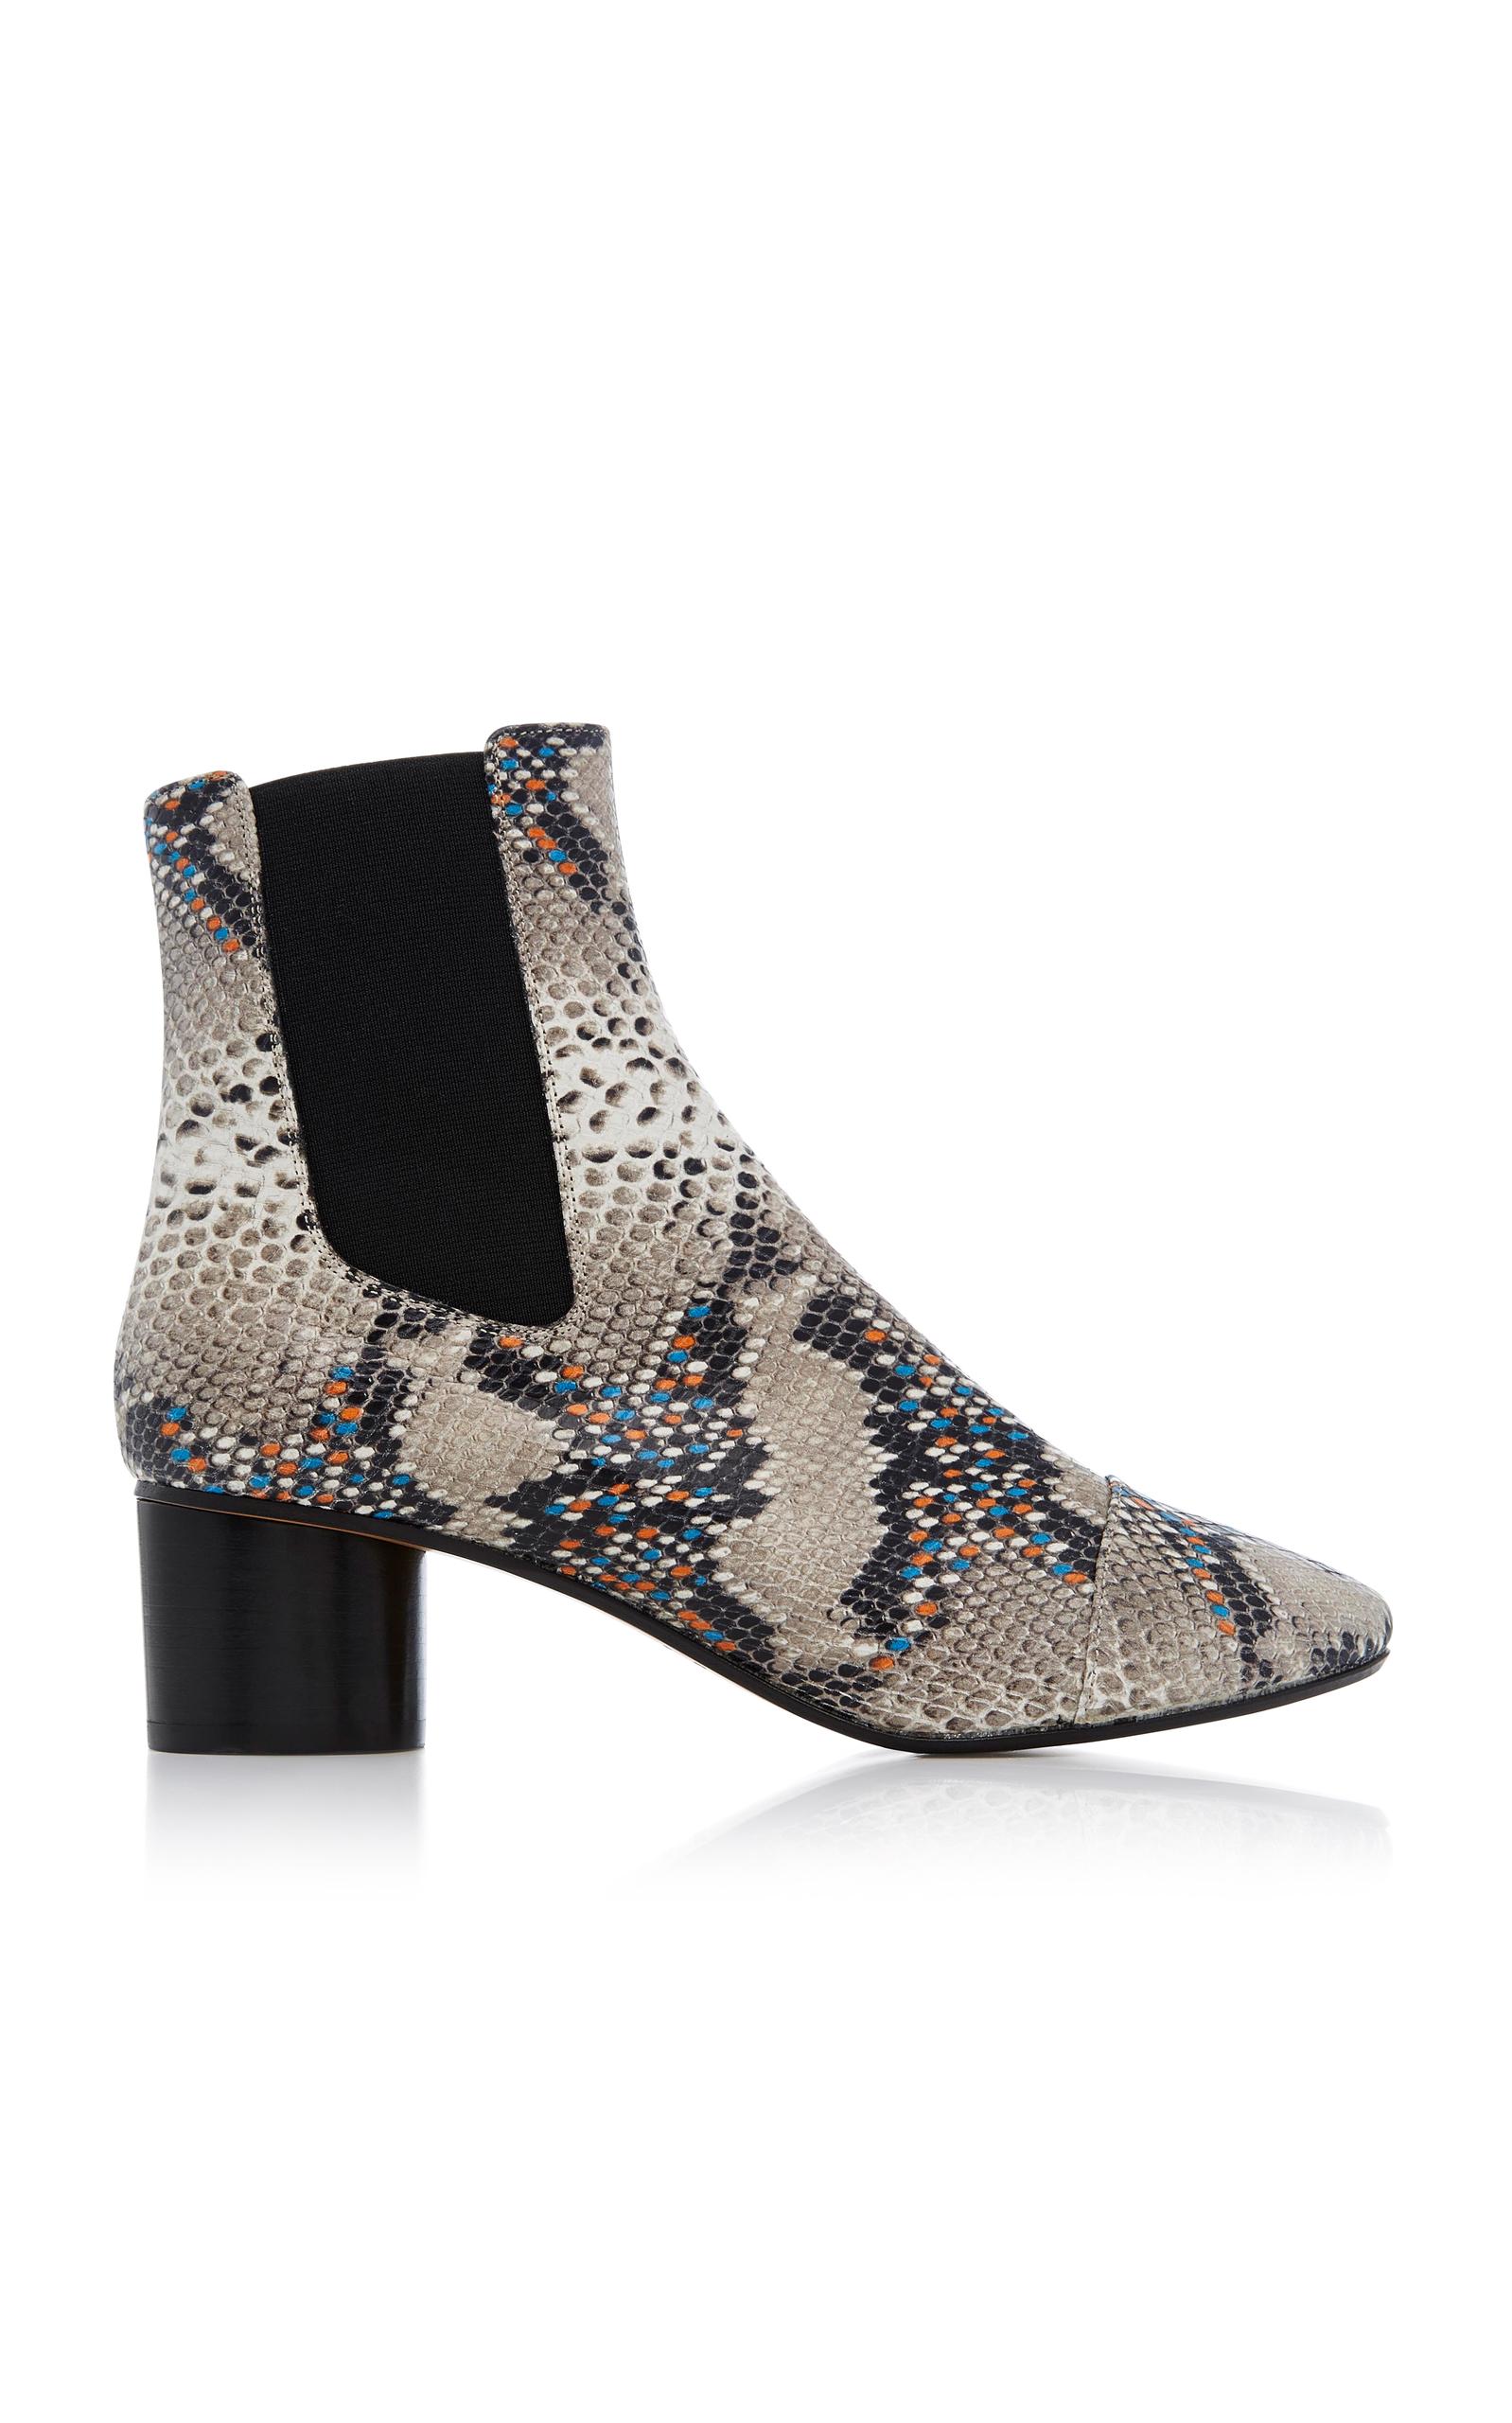 Isabel Marantsnakeskin effect ankle boots Acheter Pas Cher Pour Pas Cher Boutique En Vente Vente Discount Pas Cher Best-seller En Ligne Mode En Ligne 9JWU7aRD